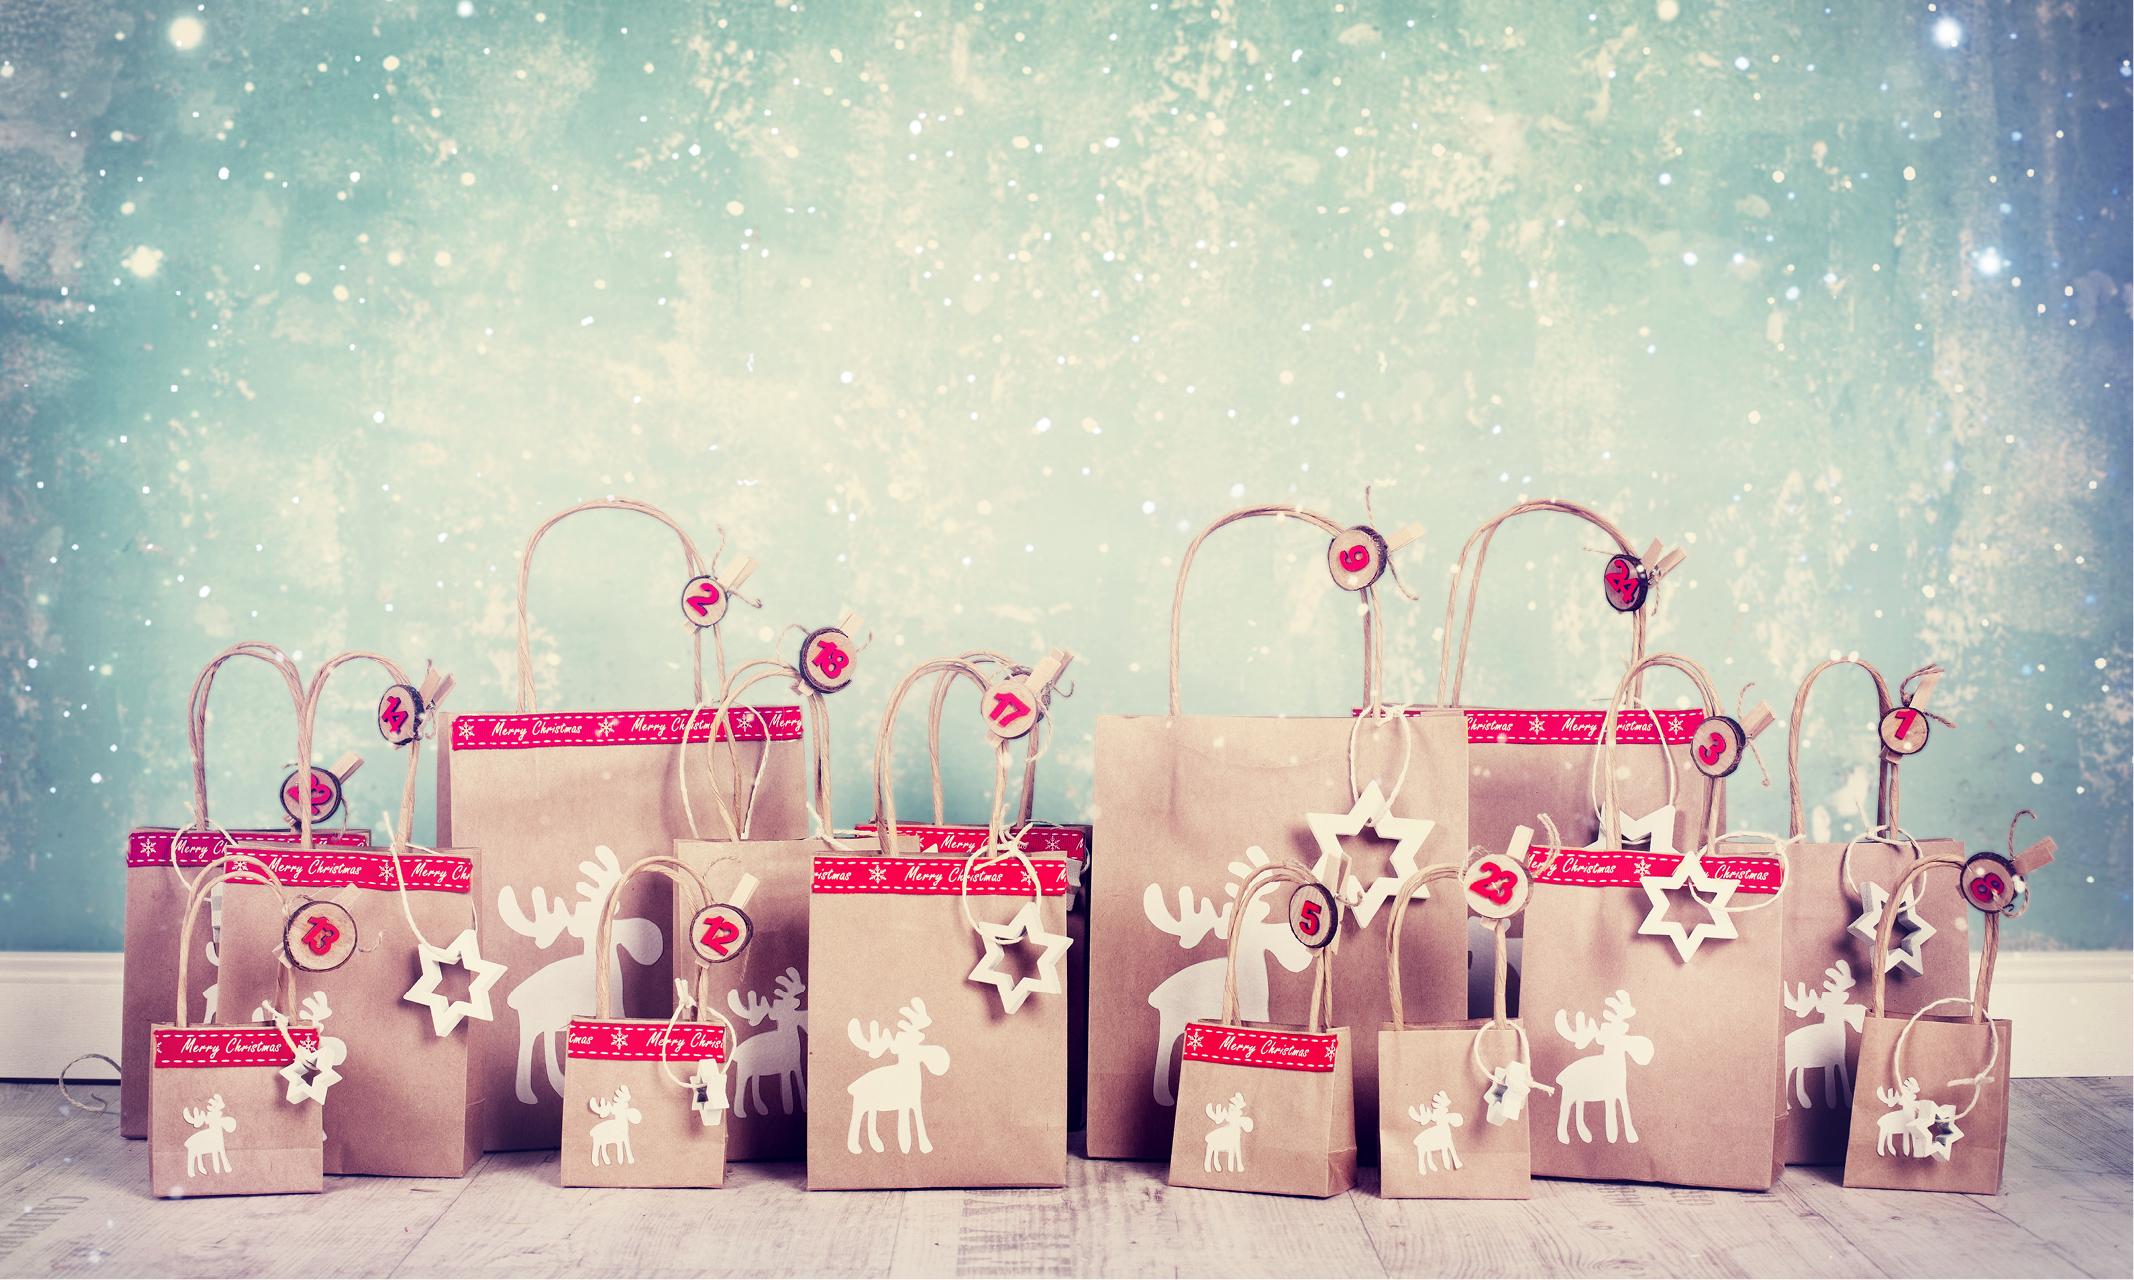 Adventskalender mit ostbelgischen Geschenkideen